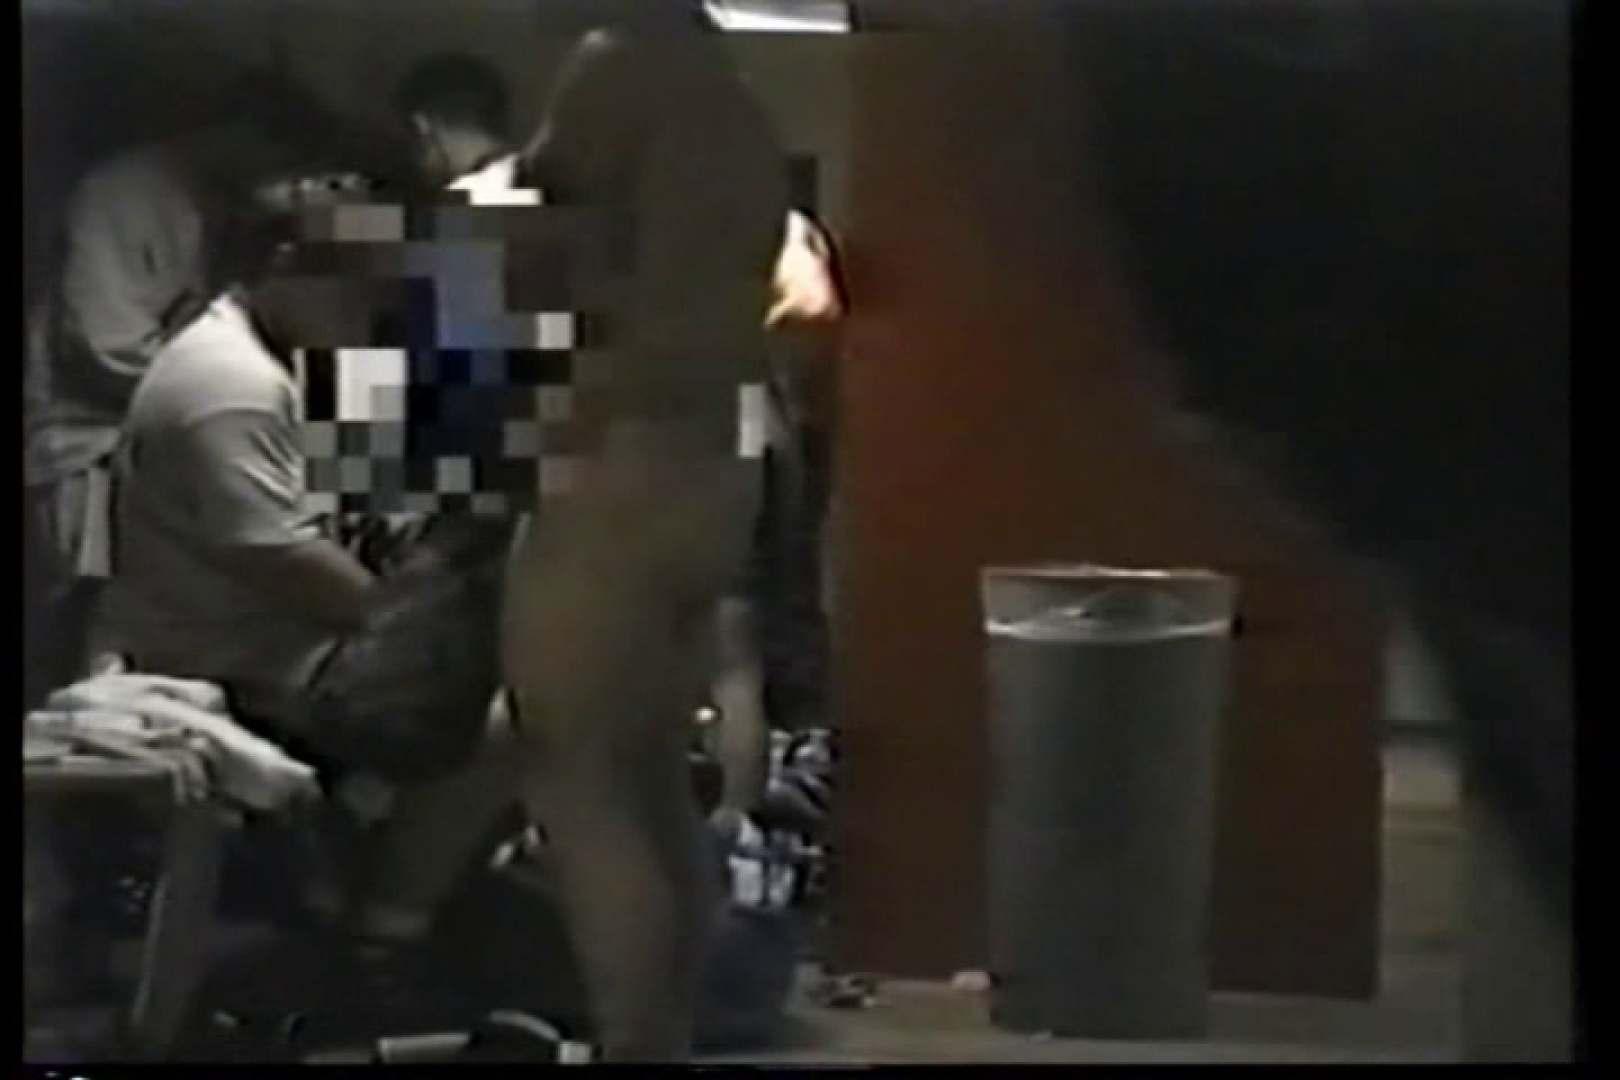 洋人さんの脱衣所を覗いてみました。VOL.3 男パラダイス ゲイヌード画像 14画像 14